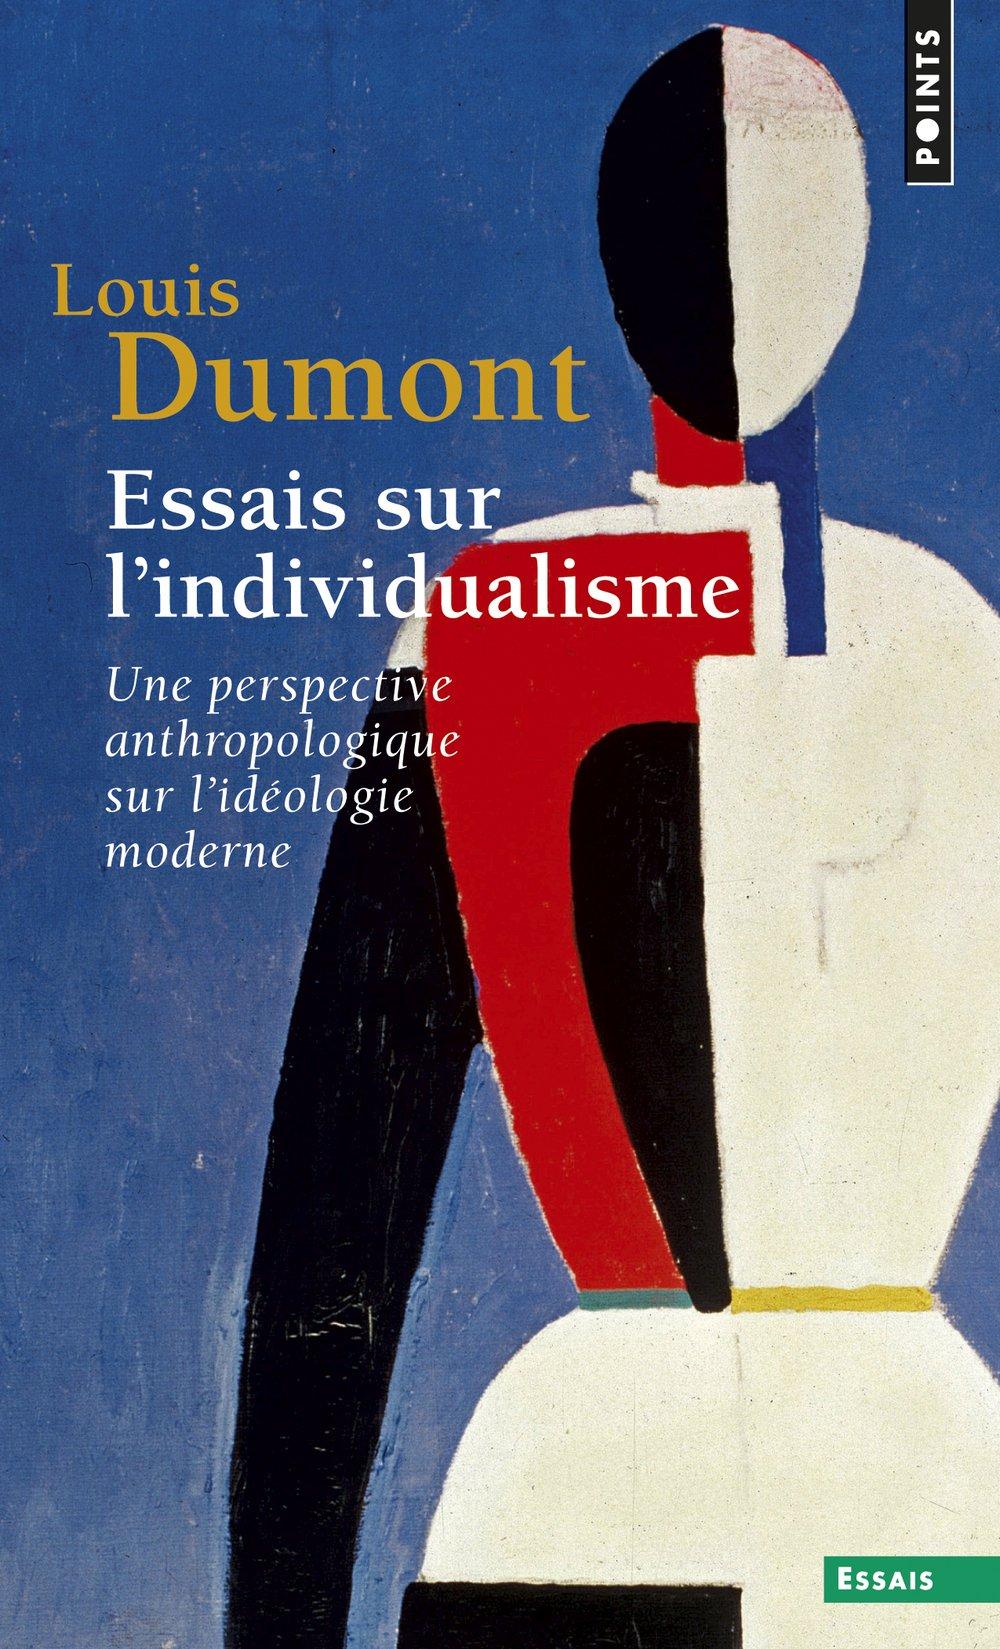 Essais sur l'individualisme Poche – 1 octobre 1991 Louis Dumont Seuil 2020134152 SCIENCES SOCIALES